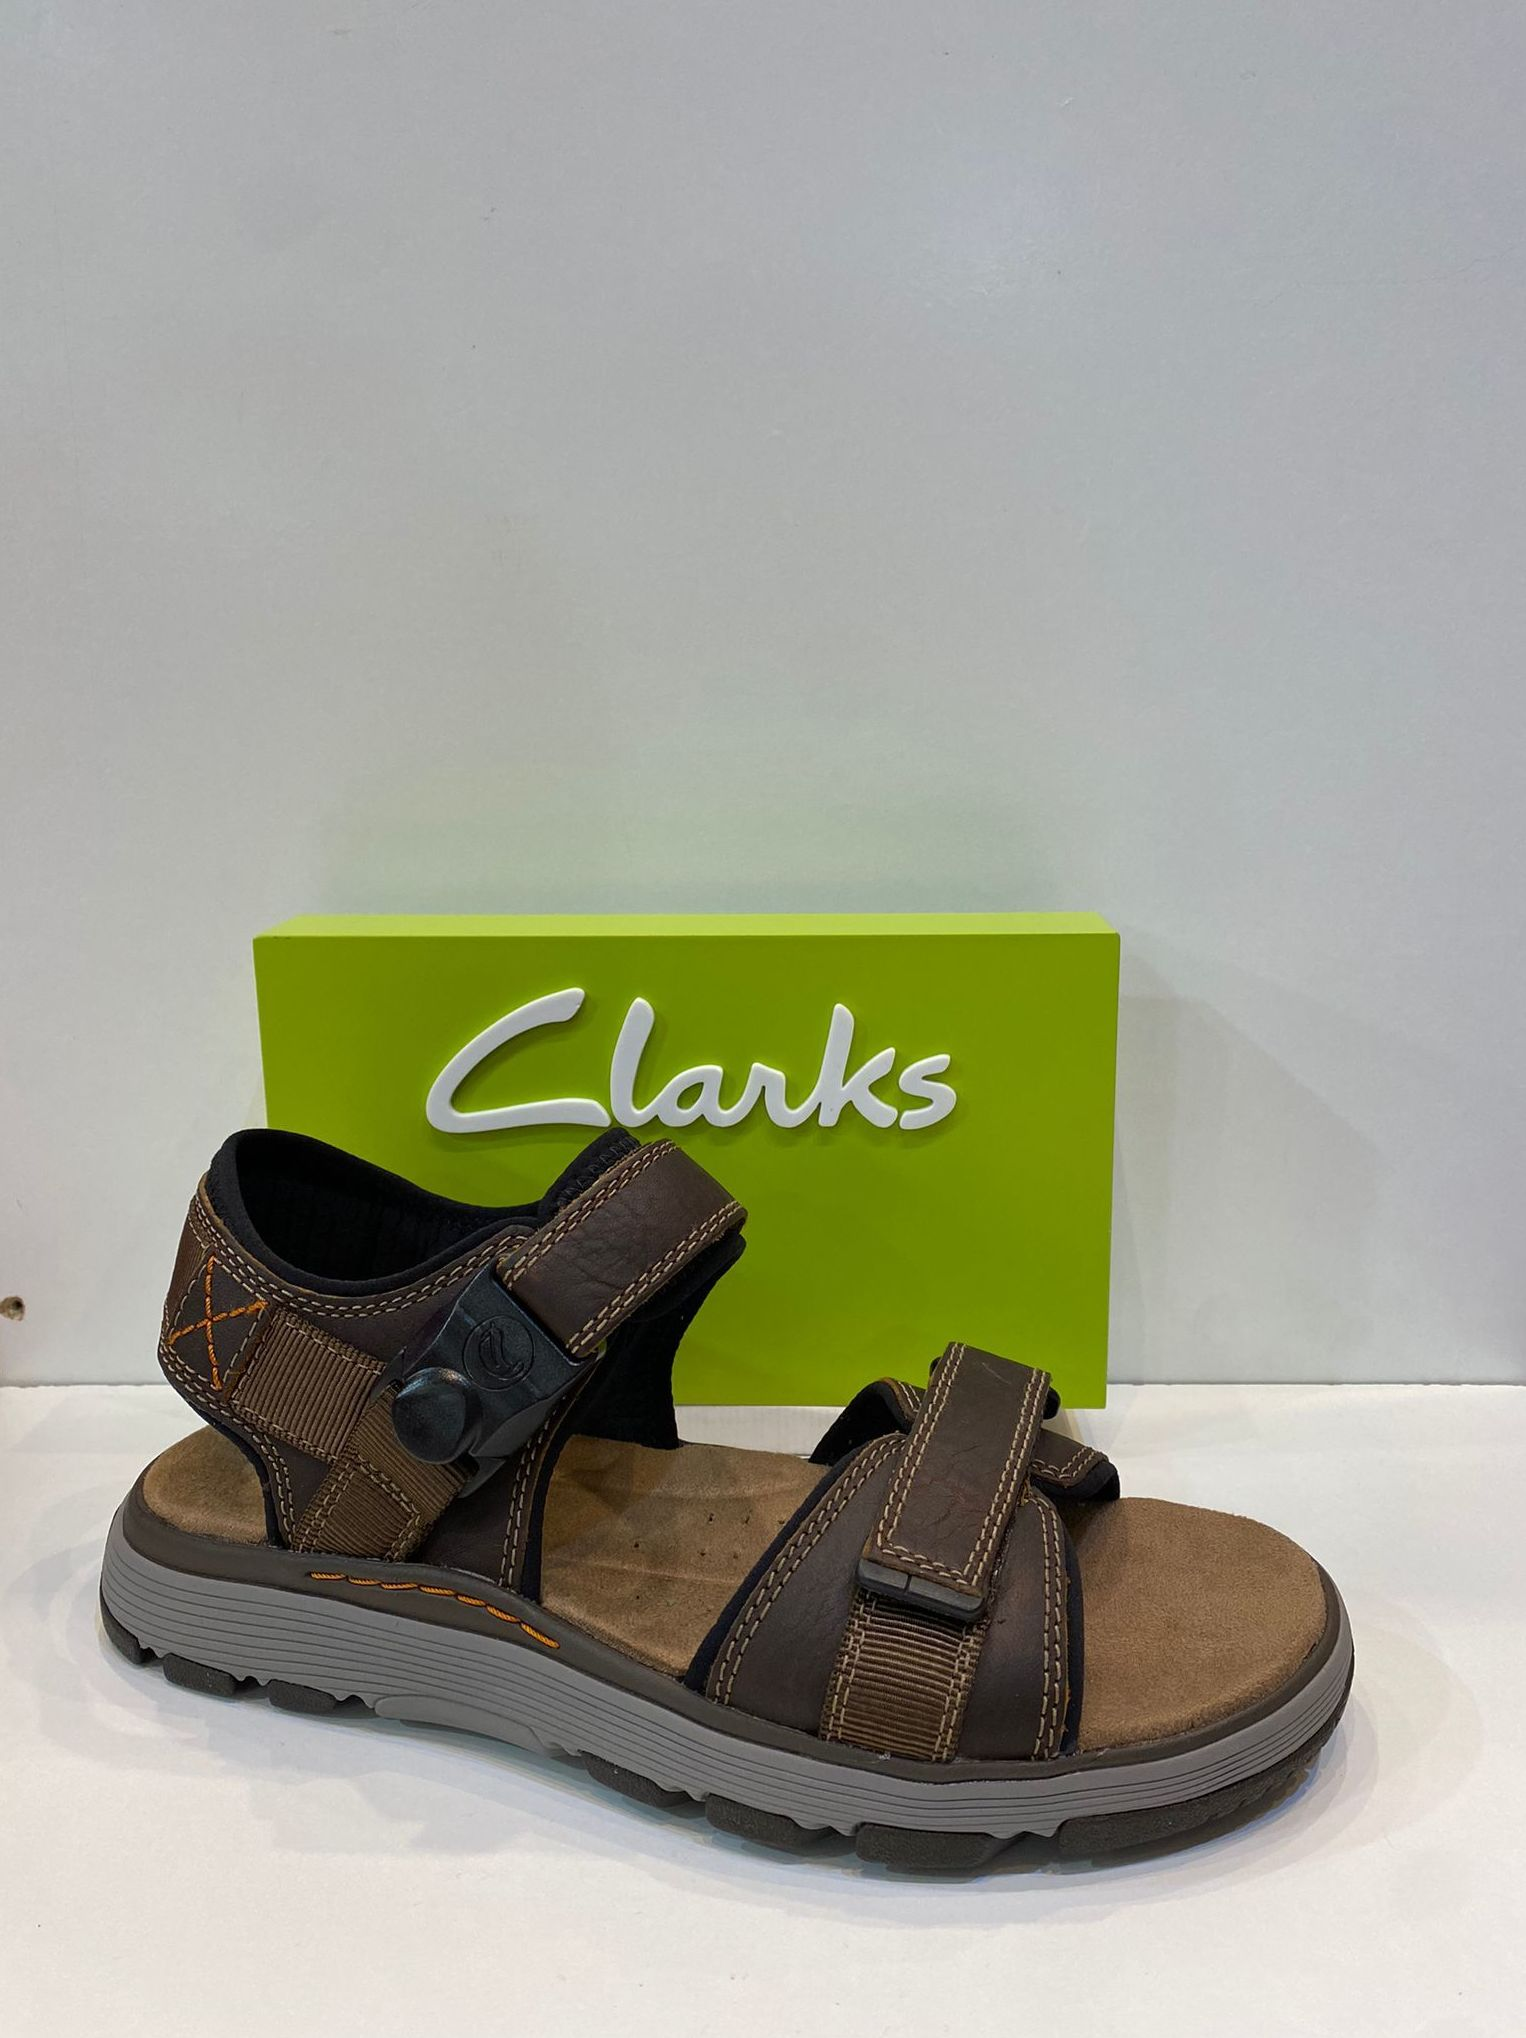 Sandàlia d'home, de la marca Clarks, ample especial, adaptable a totes les amplades, tanca ràpida amb imant, plantilla de viscoelàstica, sola de politilè amb càmera d'aire 99.95€